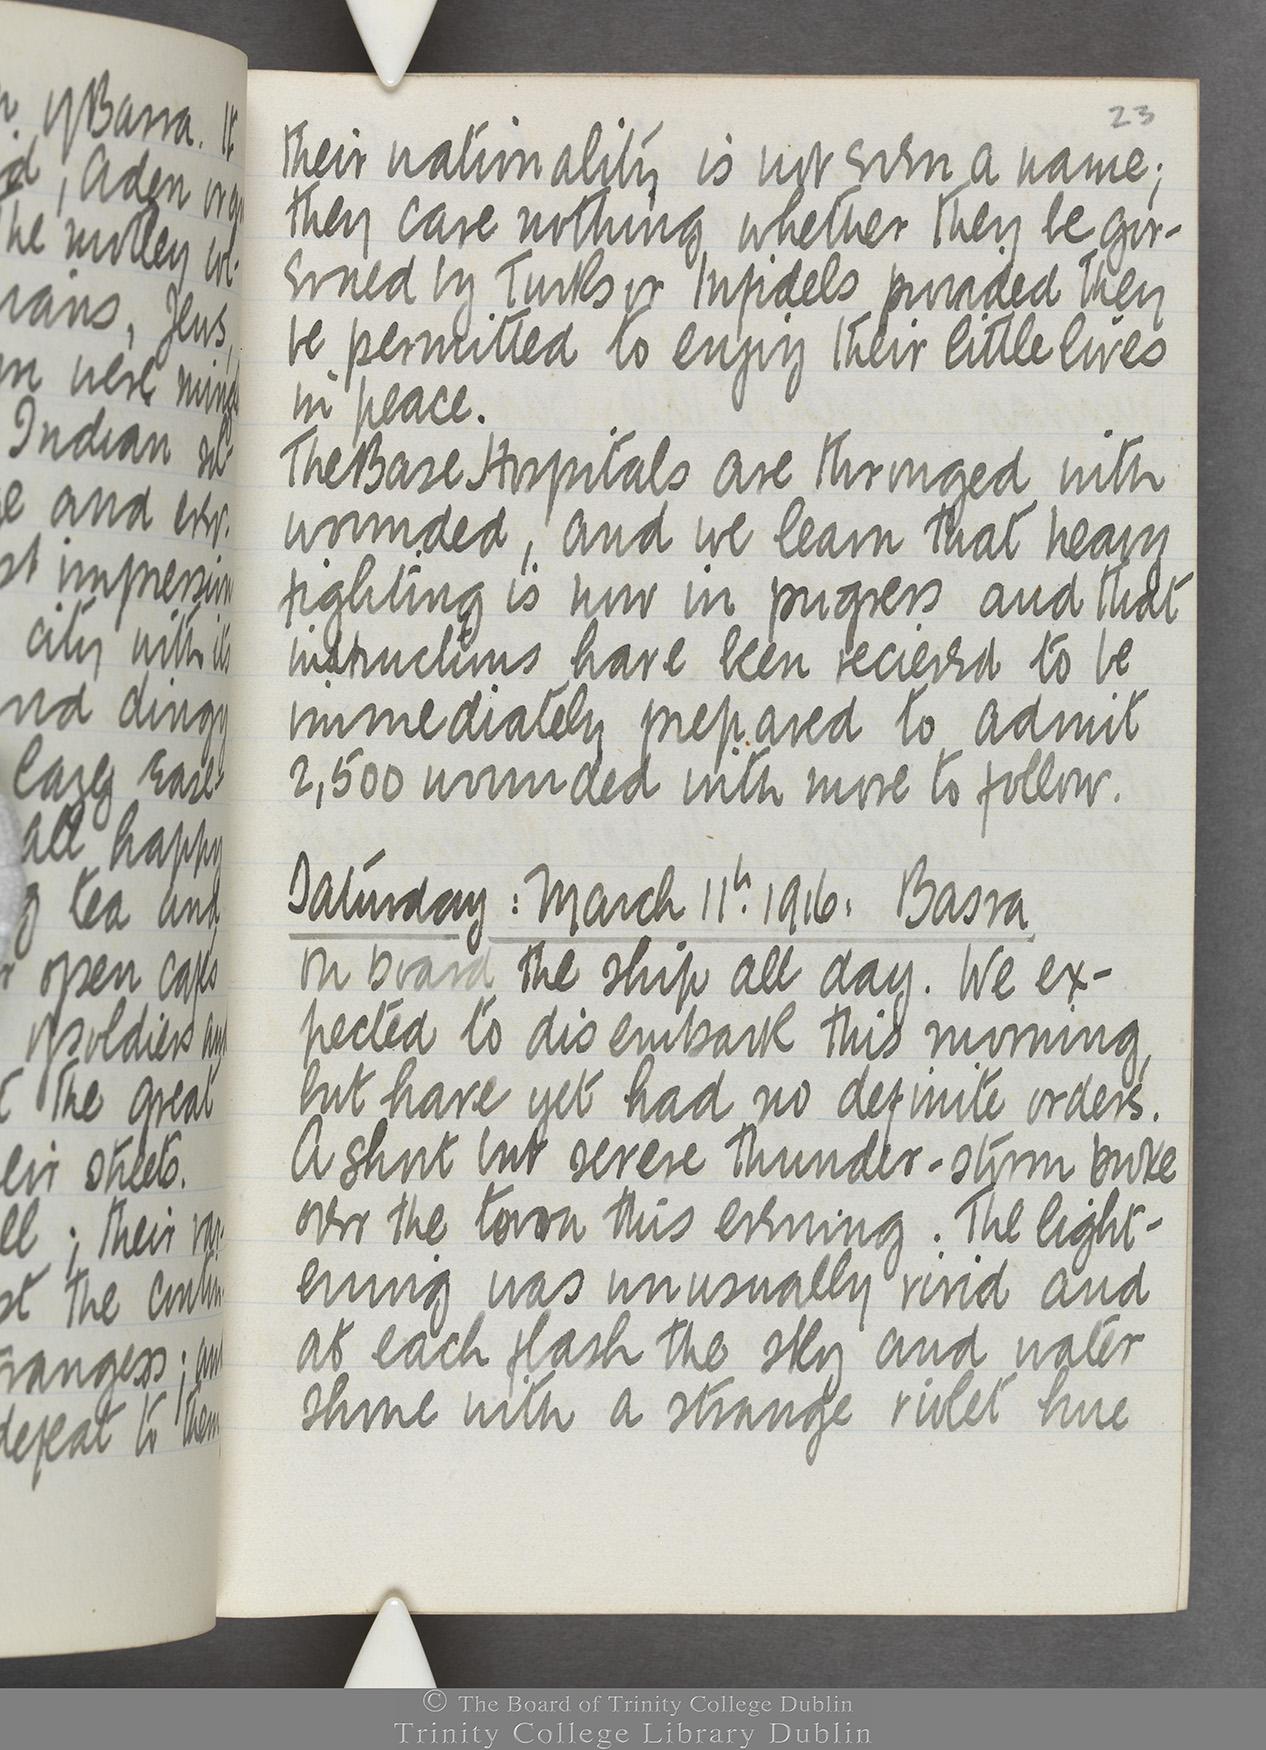 TCD MS 10515 folio 23r